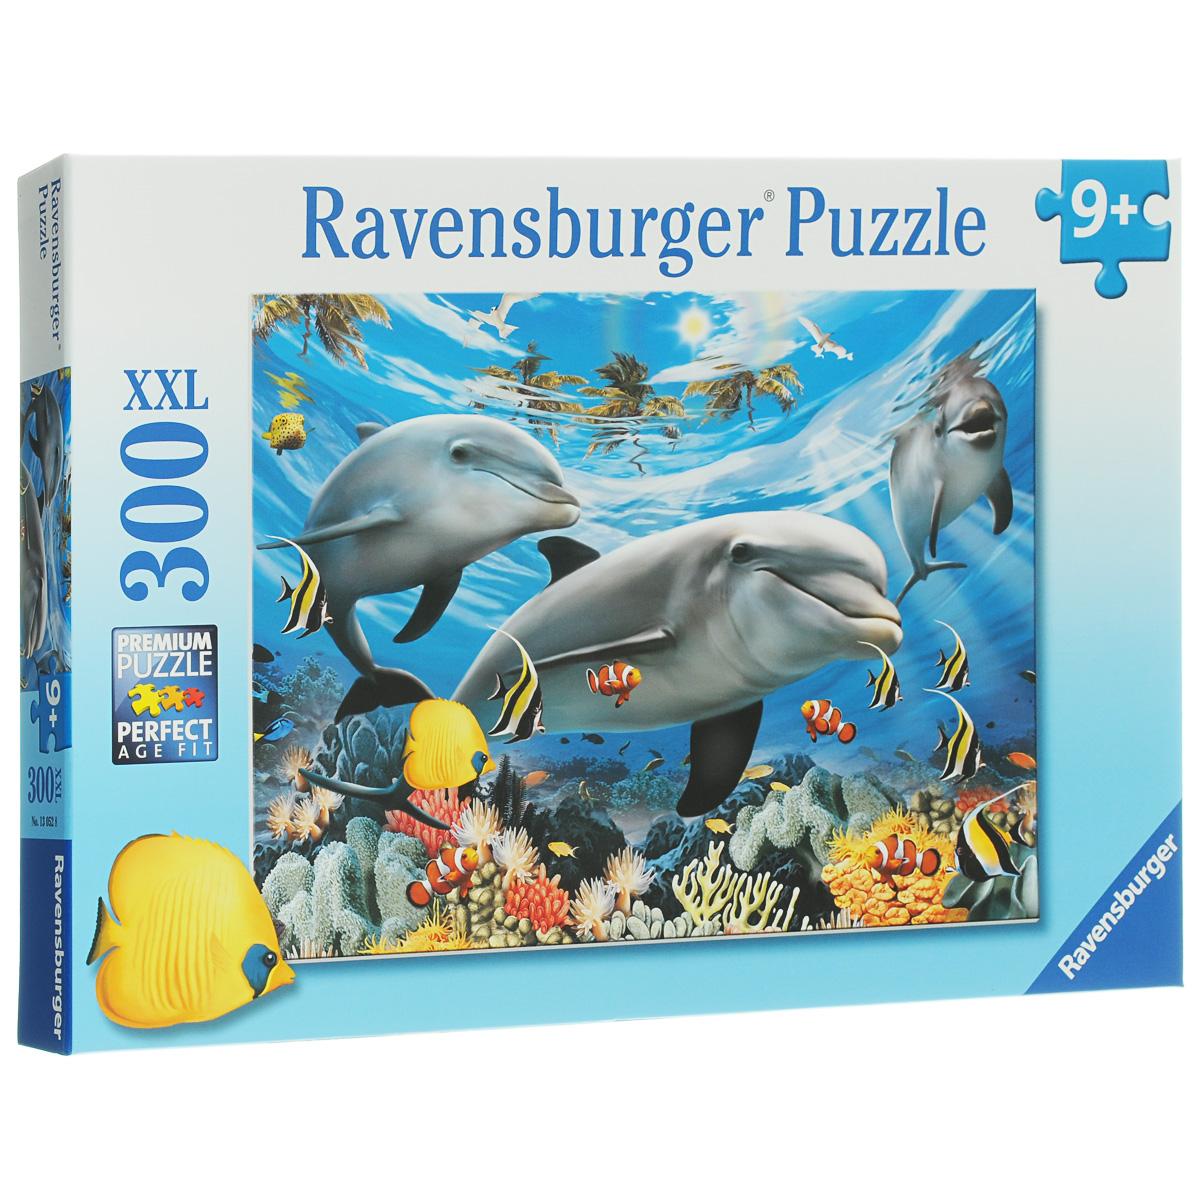 Ravensburger Карибская улыбка. Пазл XXL, 300 элементов13052Пазл Ravensburger Карибская улыбка понравится и вам, и вашему ребенку. Собрав этот пазл, включающий в себя 300 крупных элементов, вы получите замечательный постер с изображением жителей подводного мира. Пазл - великолепная игра для семейного досуга. Сегодня собирание пазлов стало особенно популярным, главным образом, благодаря своей многообразной тематике, способной удовлетворить самый взыскательный вкус. А для детей это не только интересно, но и полезно. Собирание пазла развивает мелкую моторику у ребенка, тренирует наблюдательность, логическое мышление, знакомит с окружающим миром, с цветом и разнообразными формами.